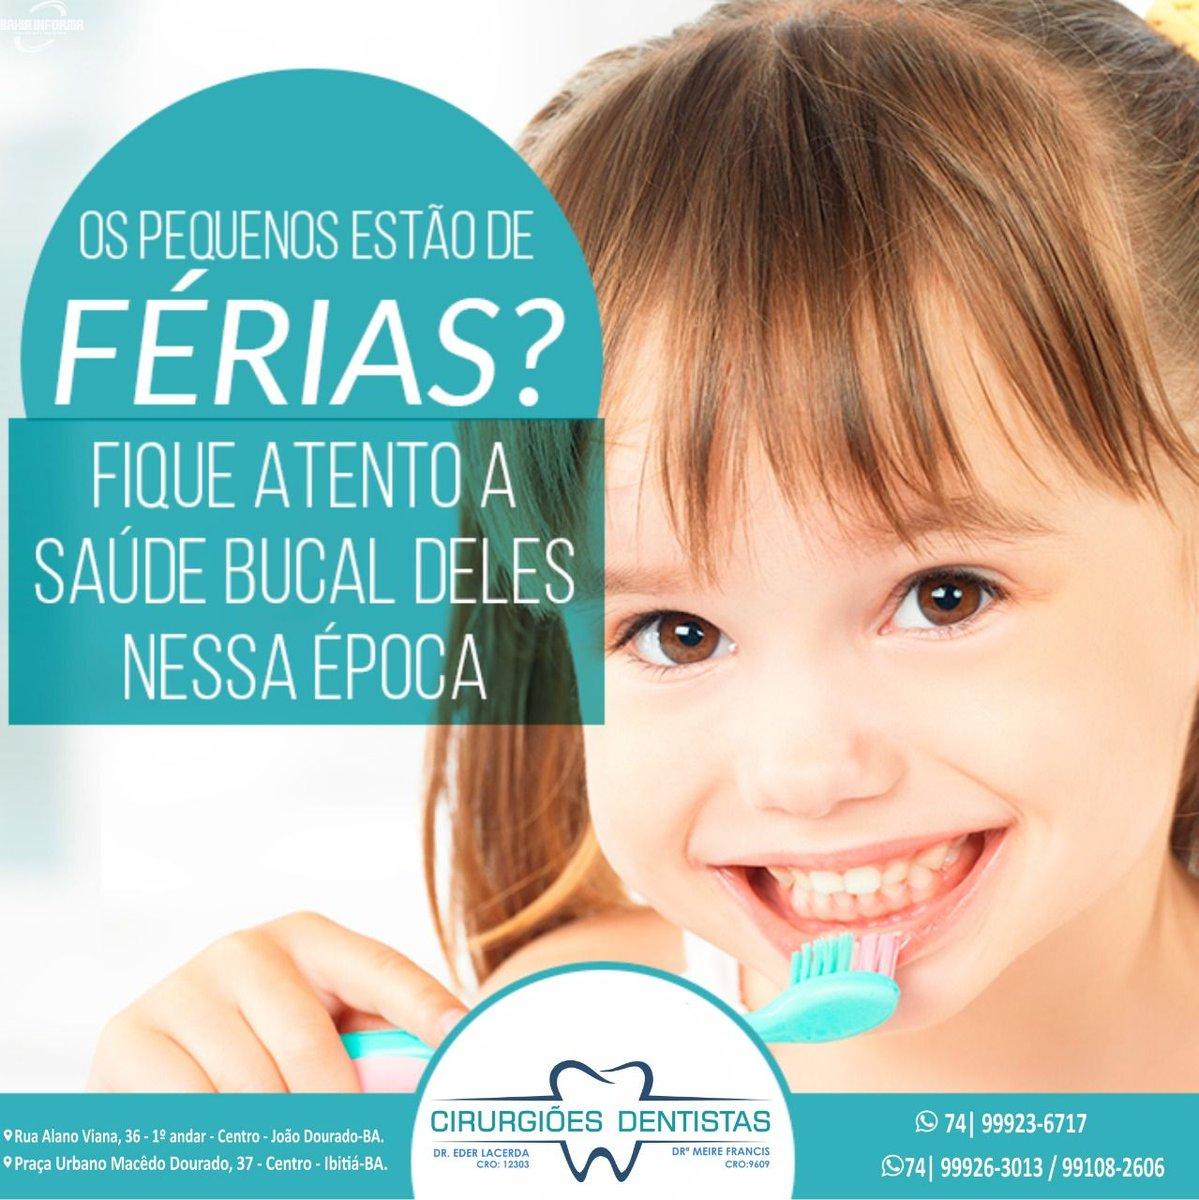 Lucas Publicidade Pr's photo on Rede Vida